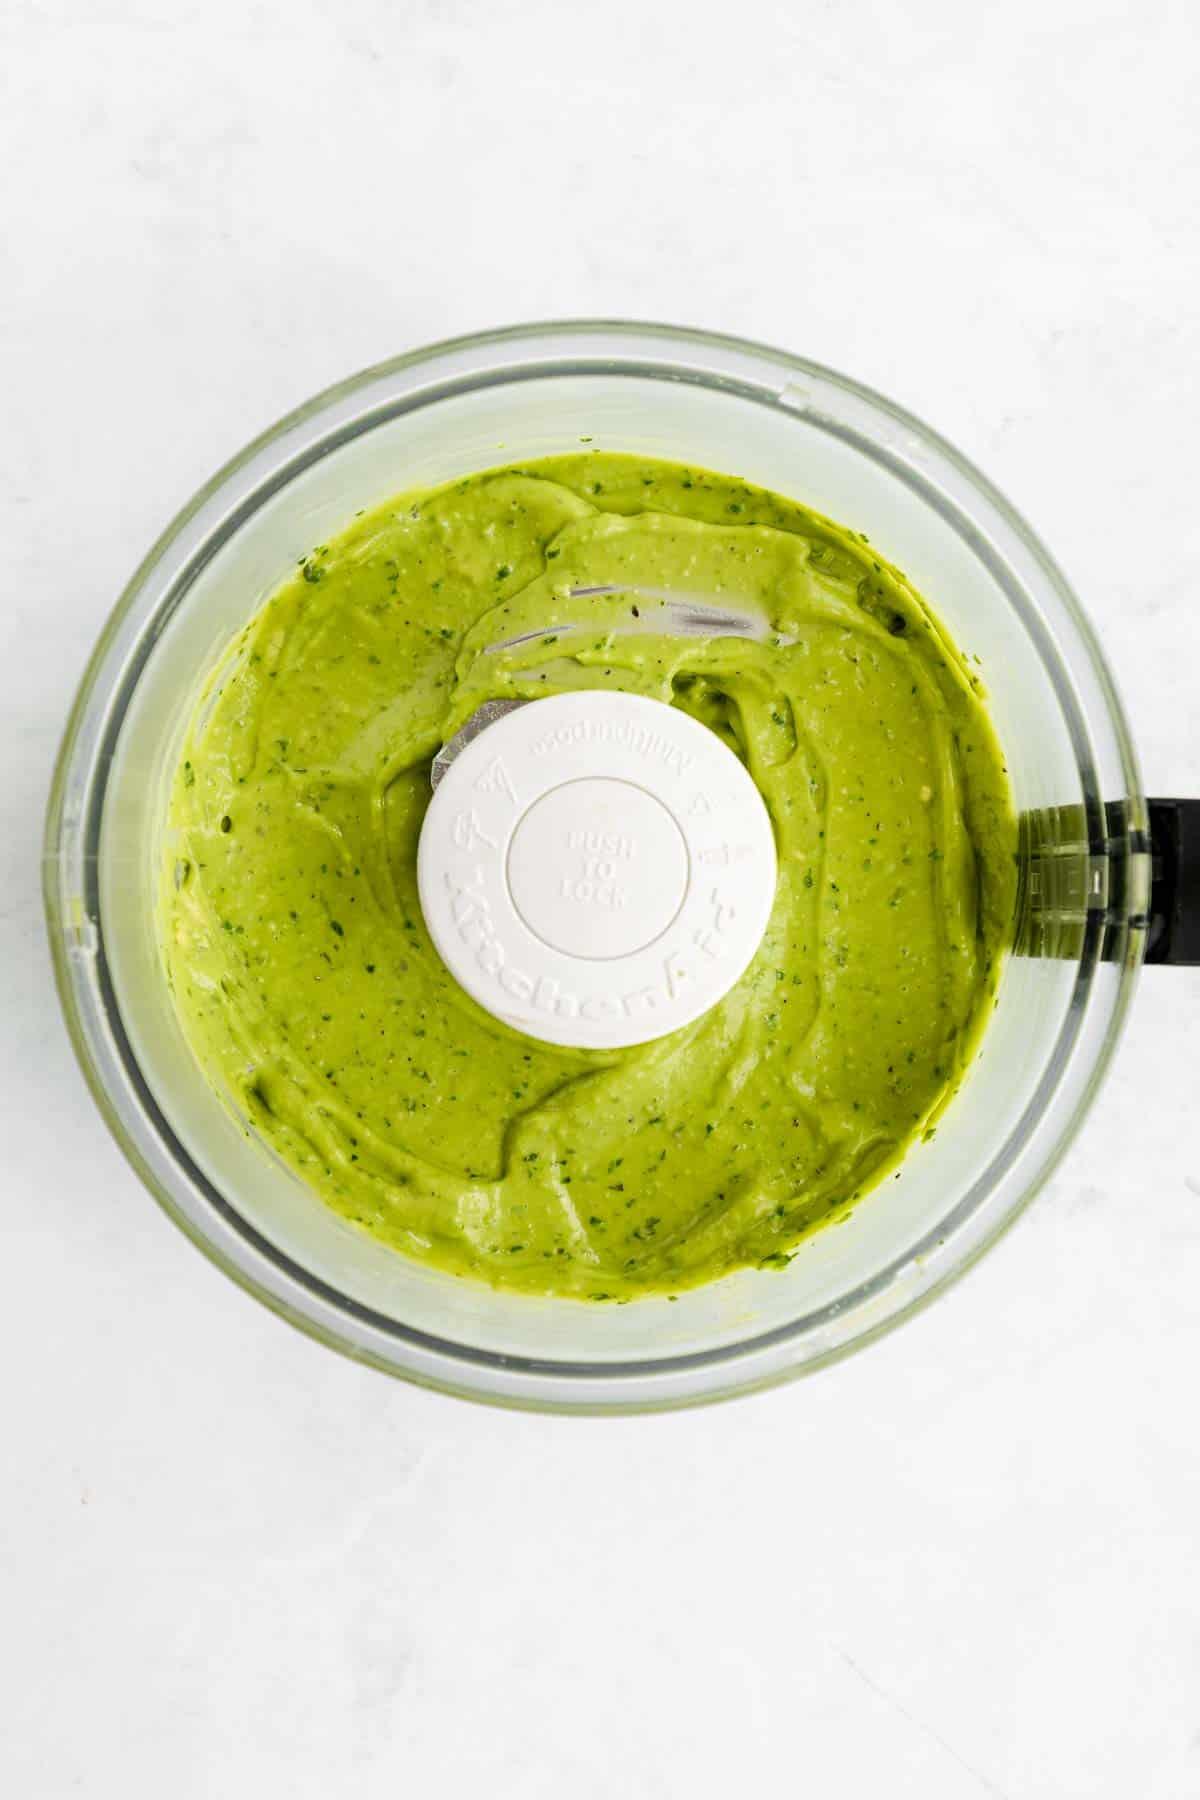 creamy avocado pesto in a food processor